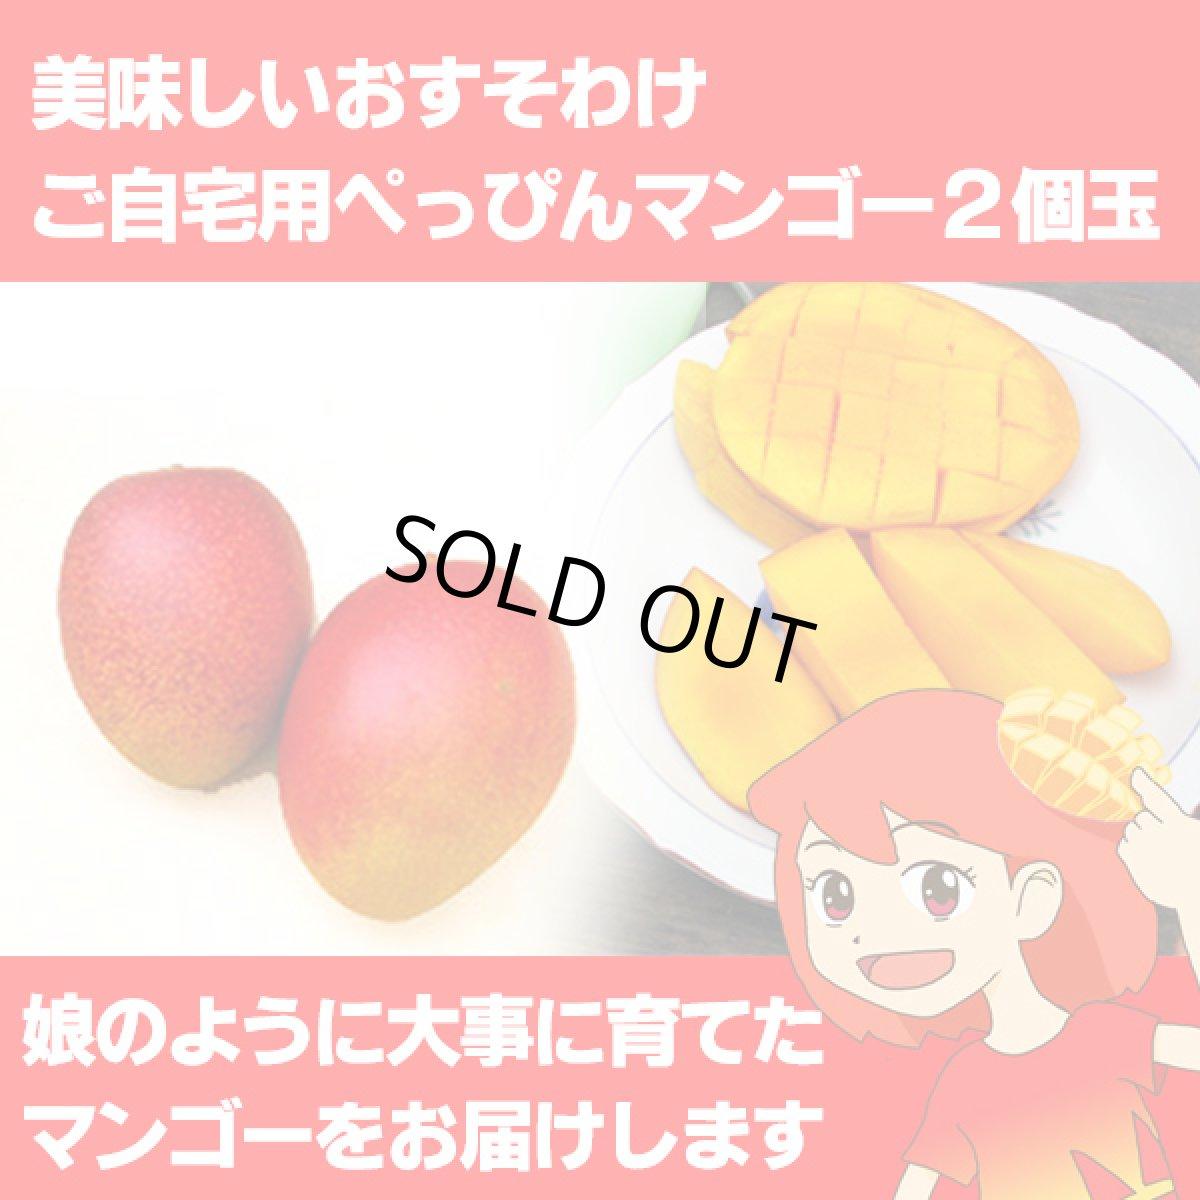 画像1: 美味しいおすそわけ ご自宅用ぺっぴんマンゴー2個玉 (1)